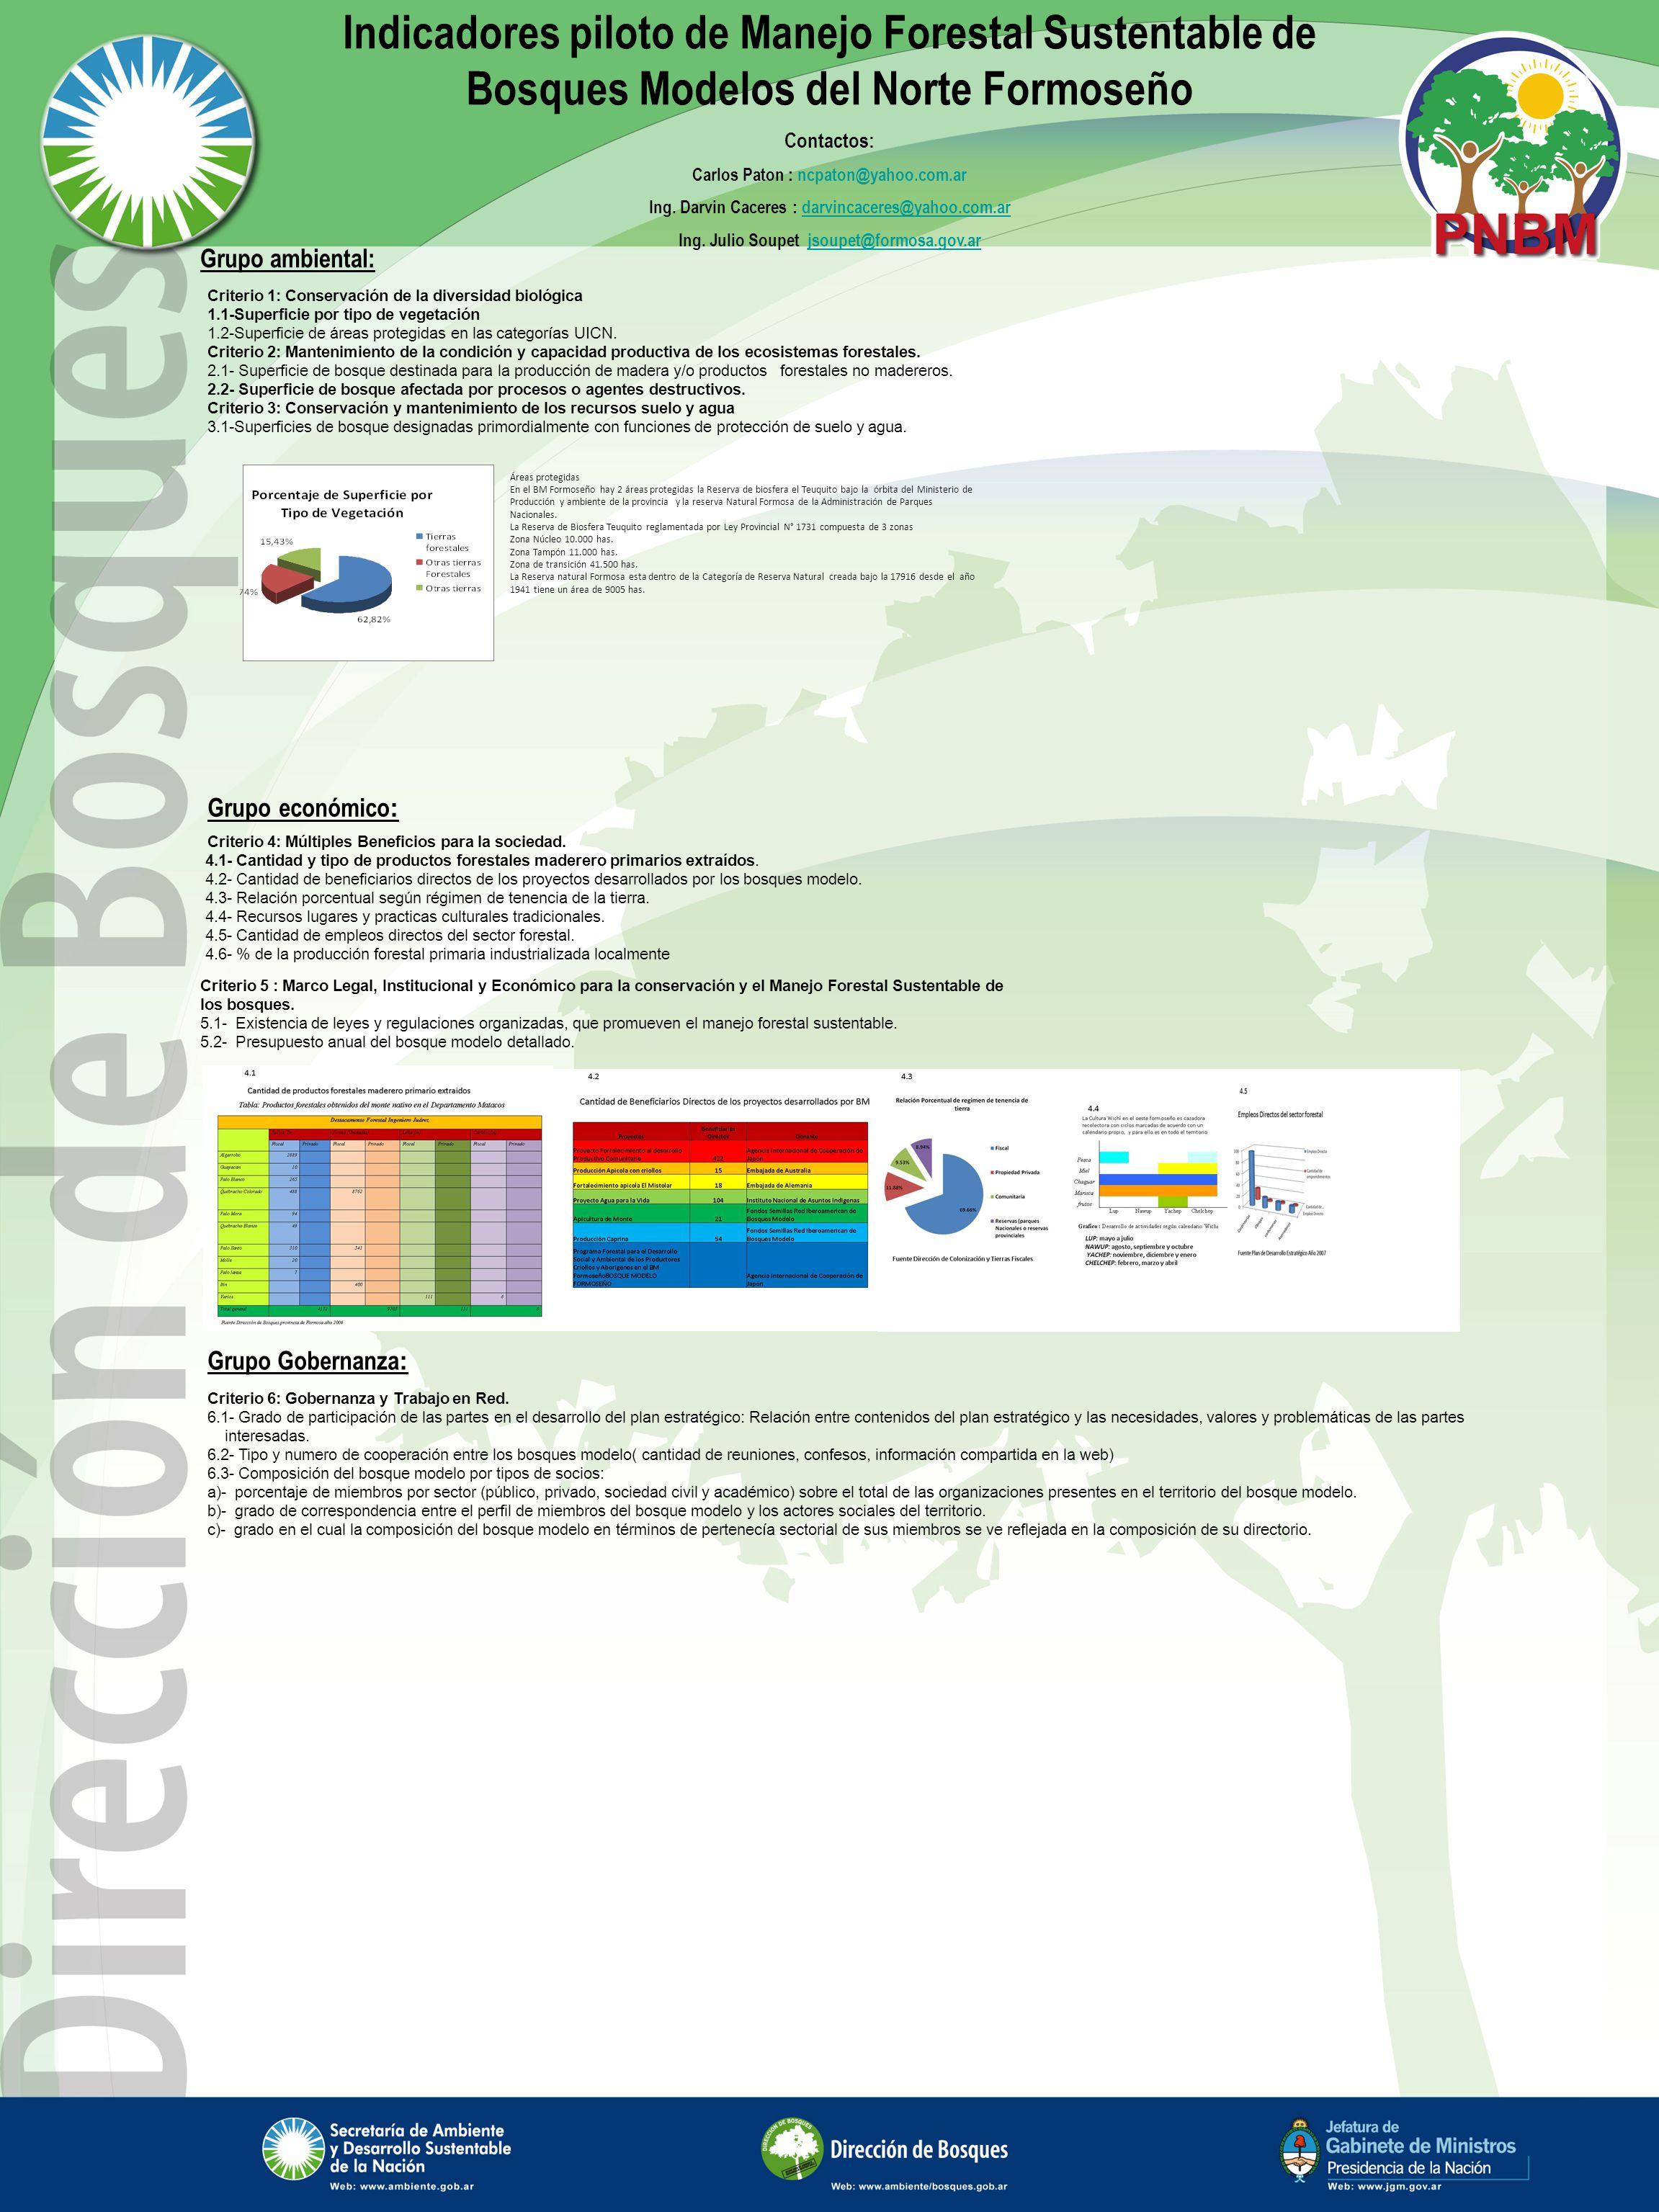 Fuente Dirección de Bosques provincia de Formosa año 2006